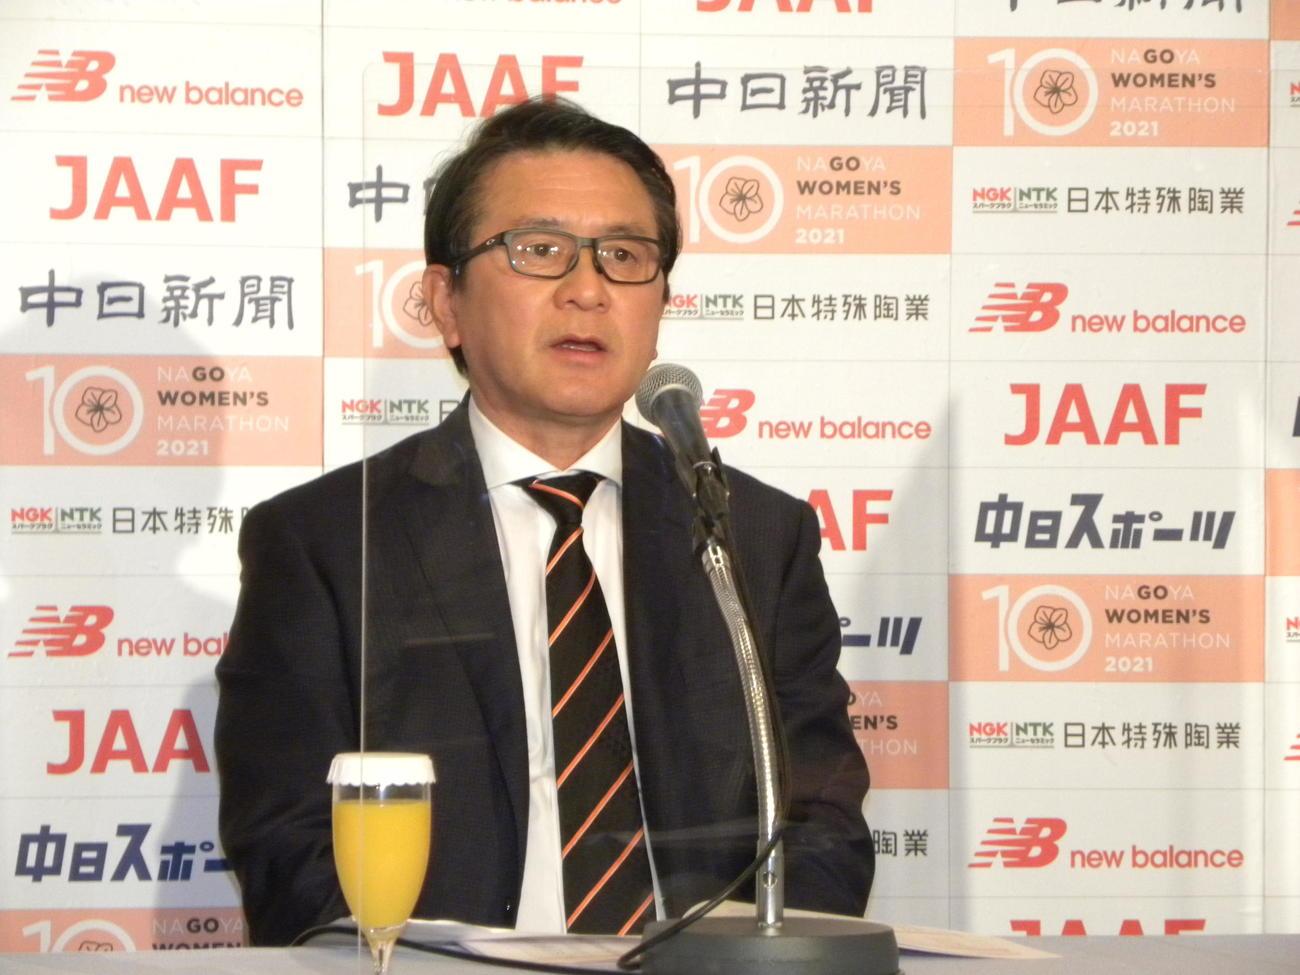 名古屋ウィメンズマラソンの招待選手発表記者会見に出席した、日本陸連の瀬古マラソン強化戦略プロジェクトリーダー(撮影・松本航)